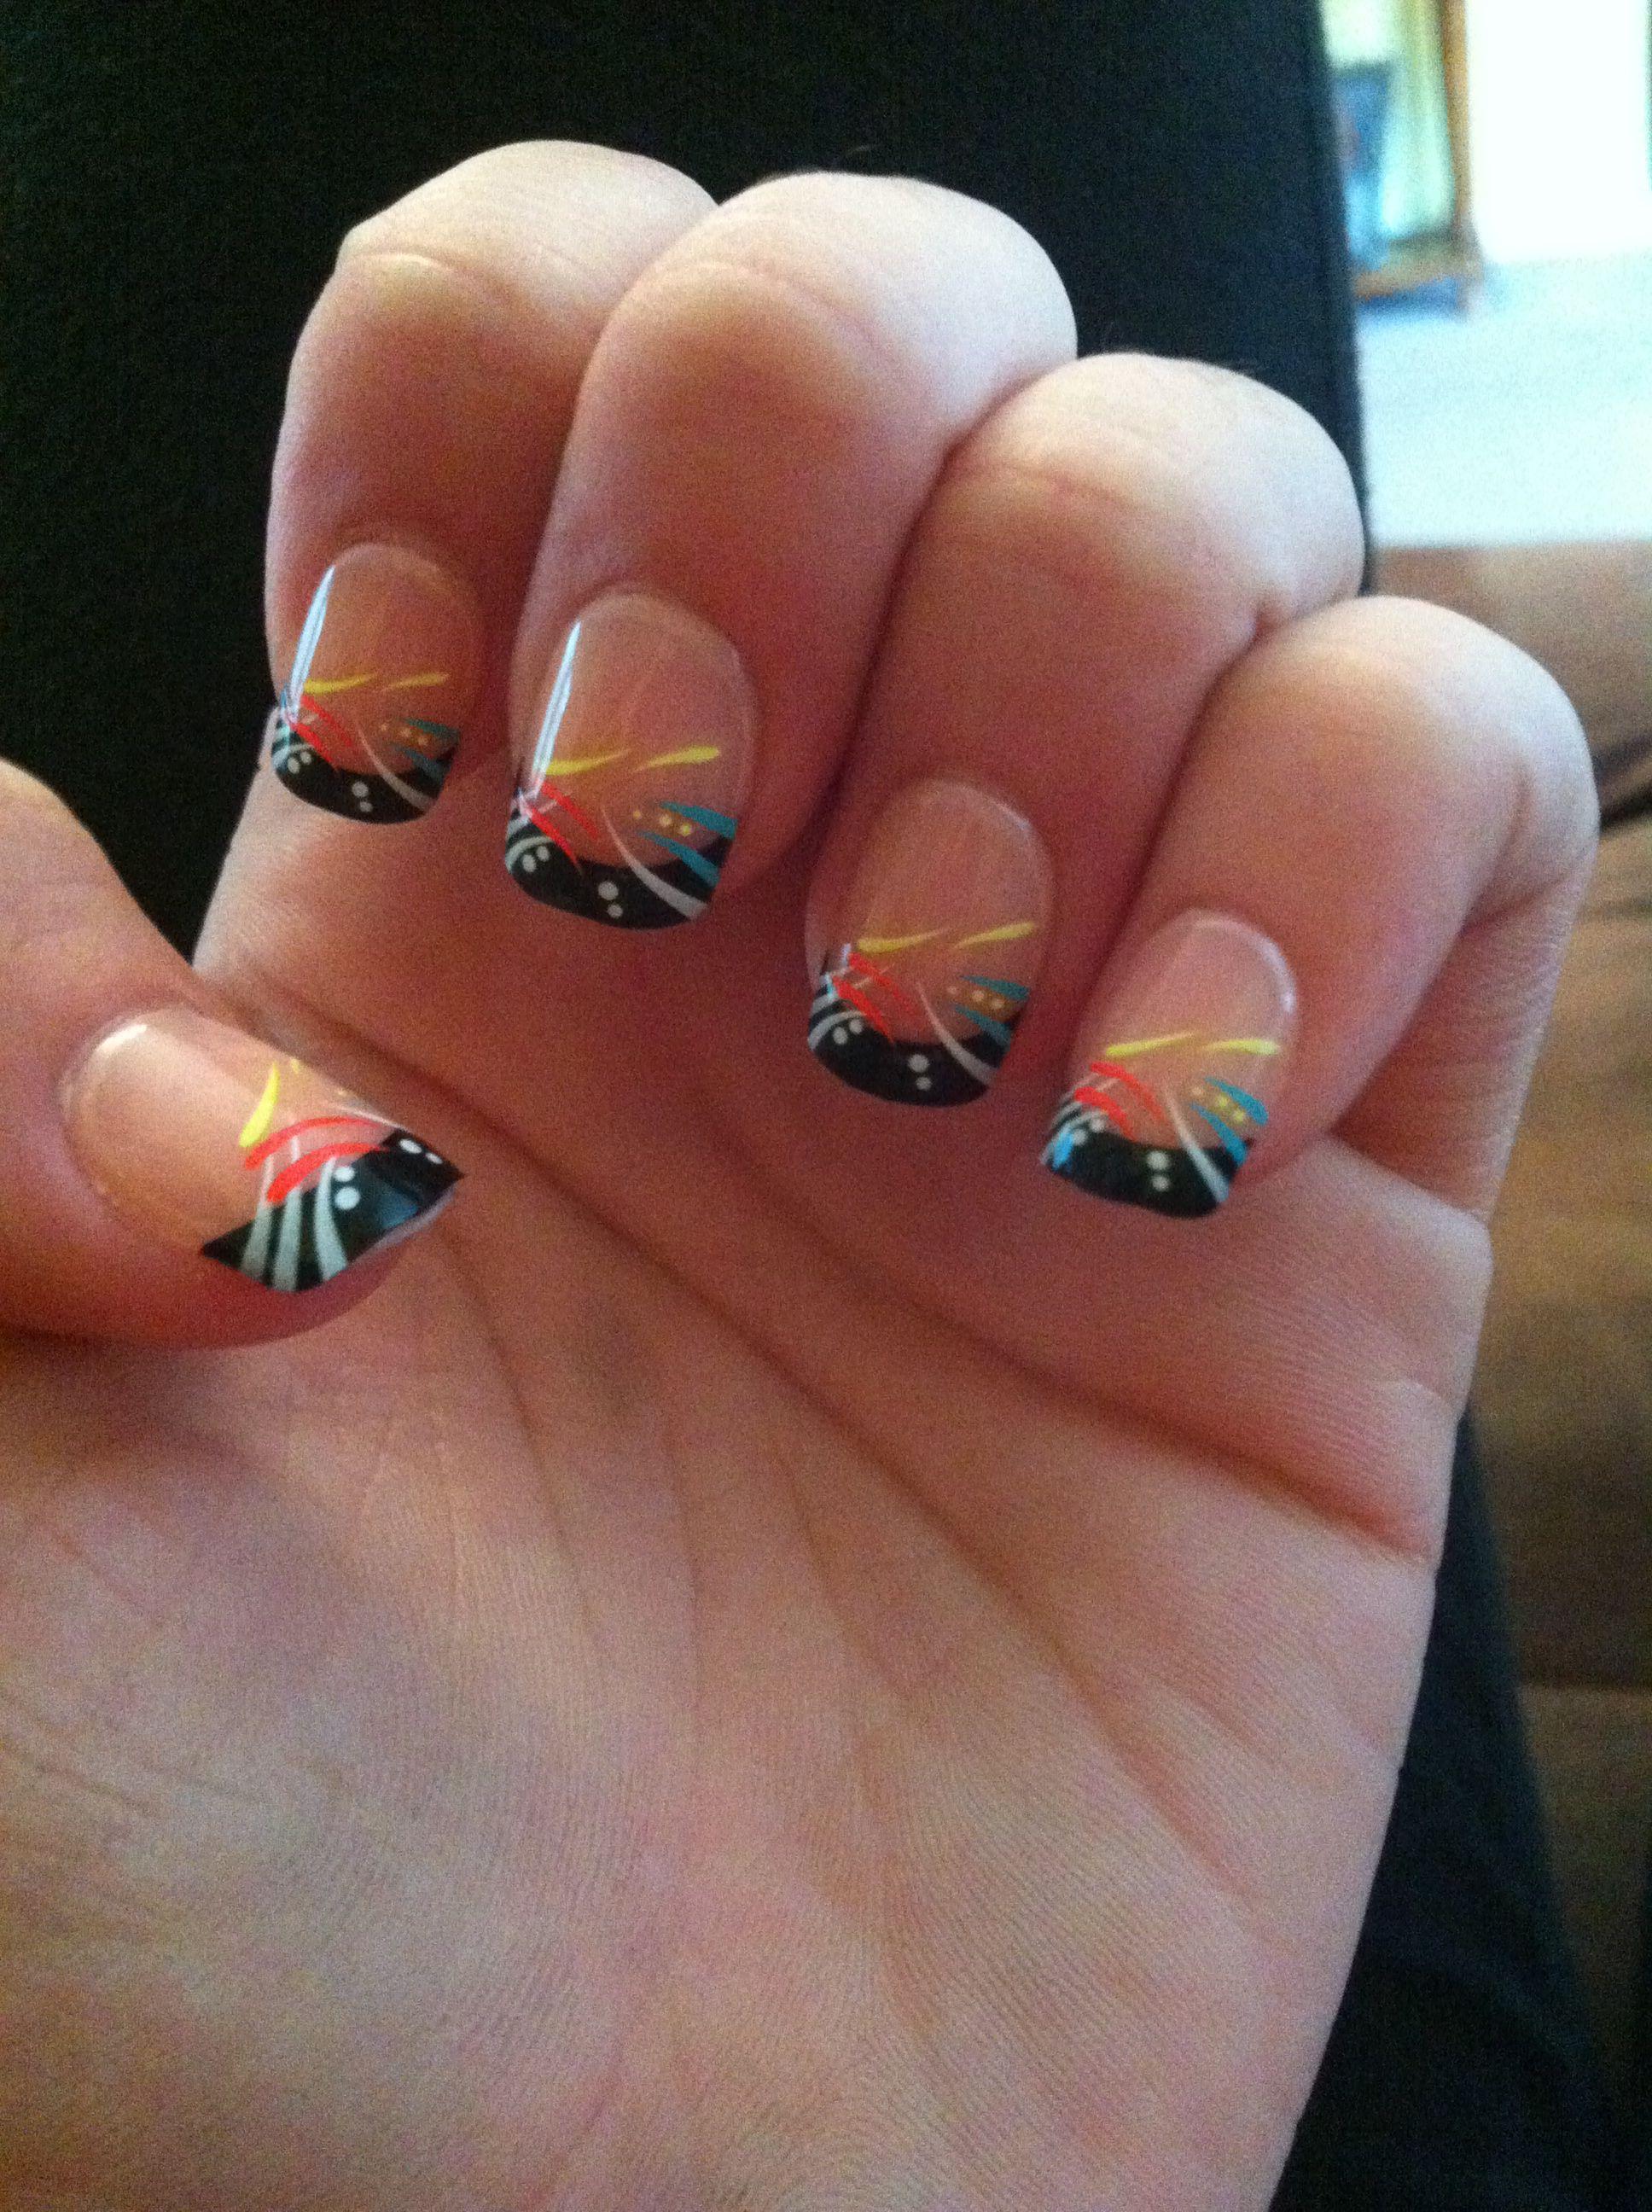 Nails nailart cute nails love pastel rainbow purple long